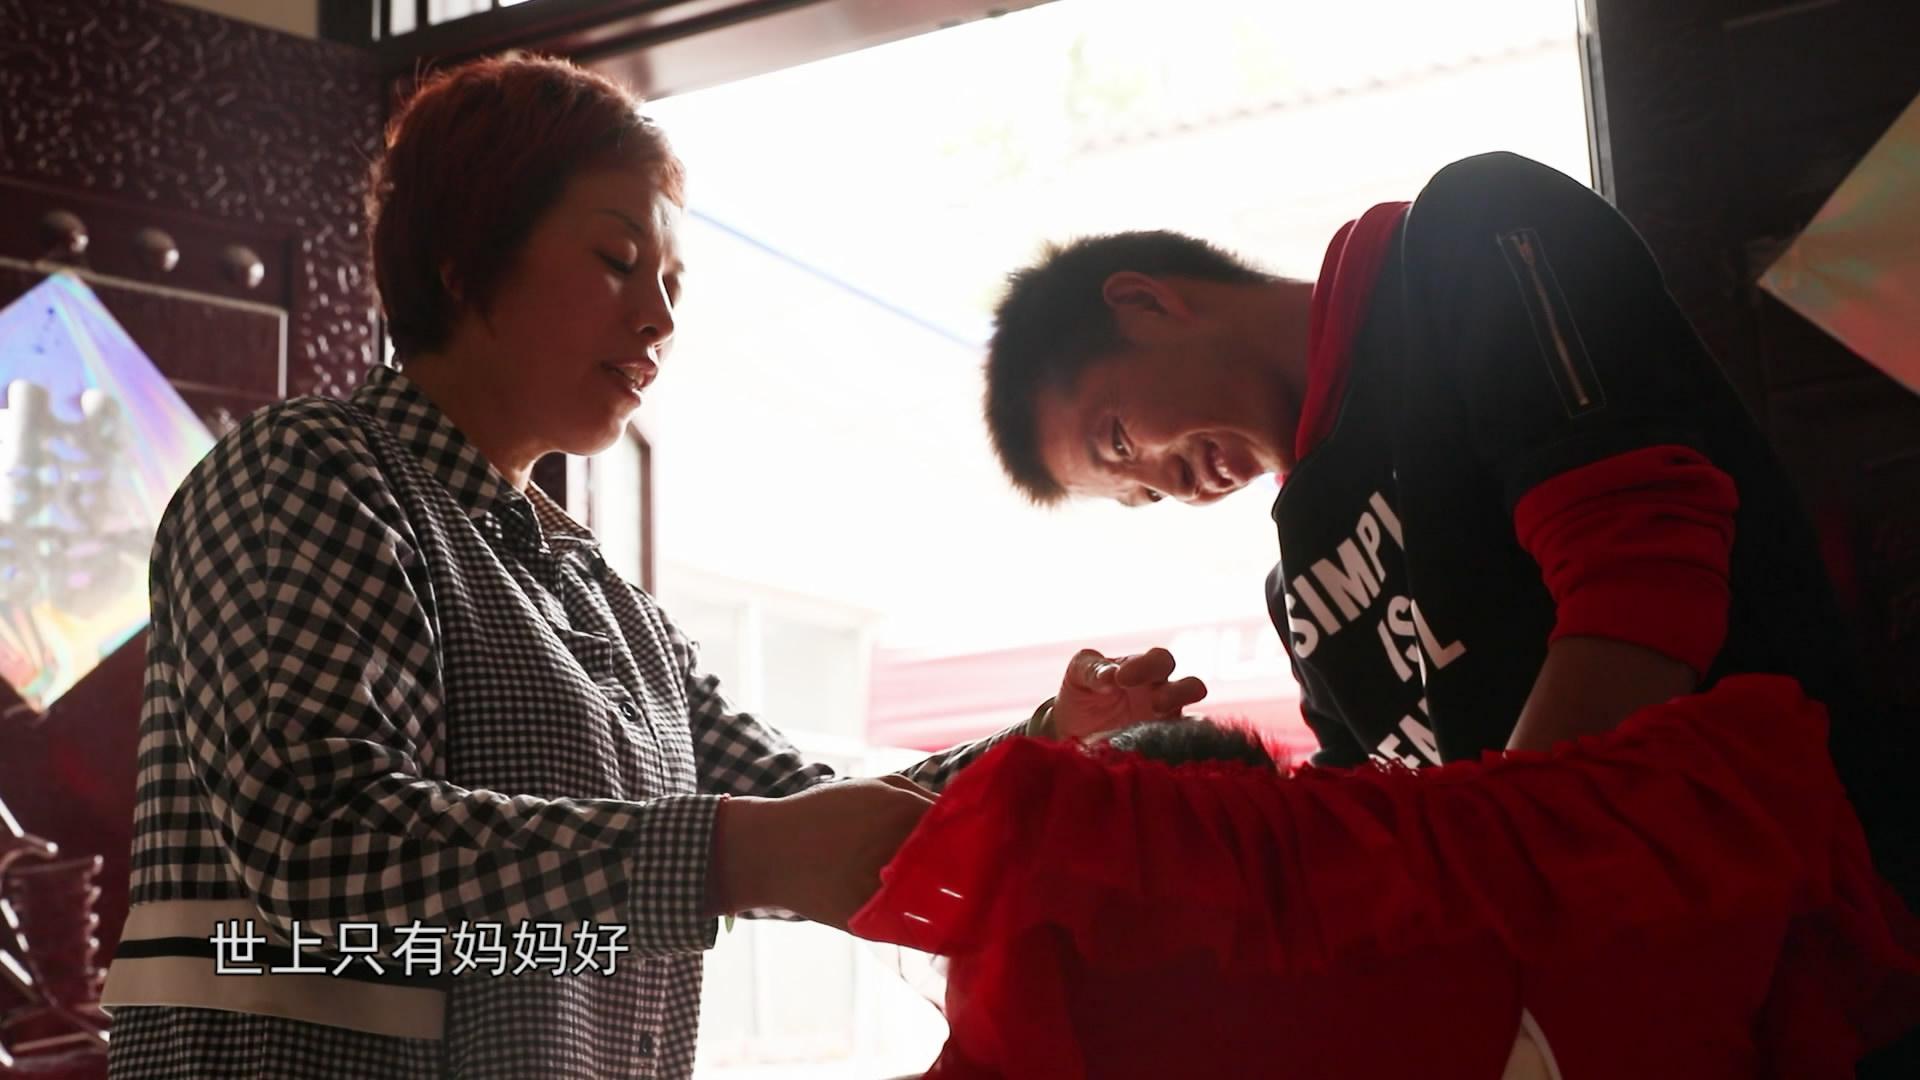 河南千里姻缘孝心为媒_clip[00_05_43][20181106-154109-0].JPG